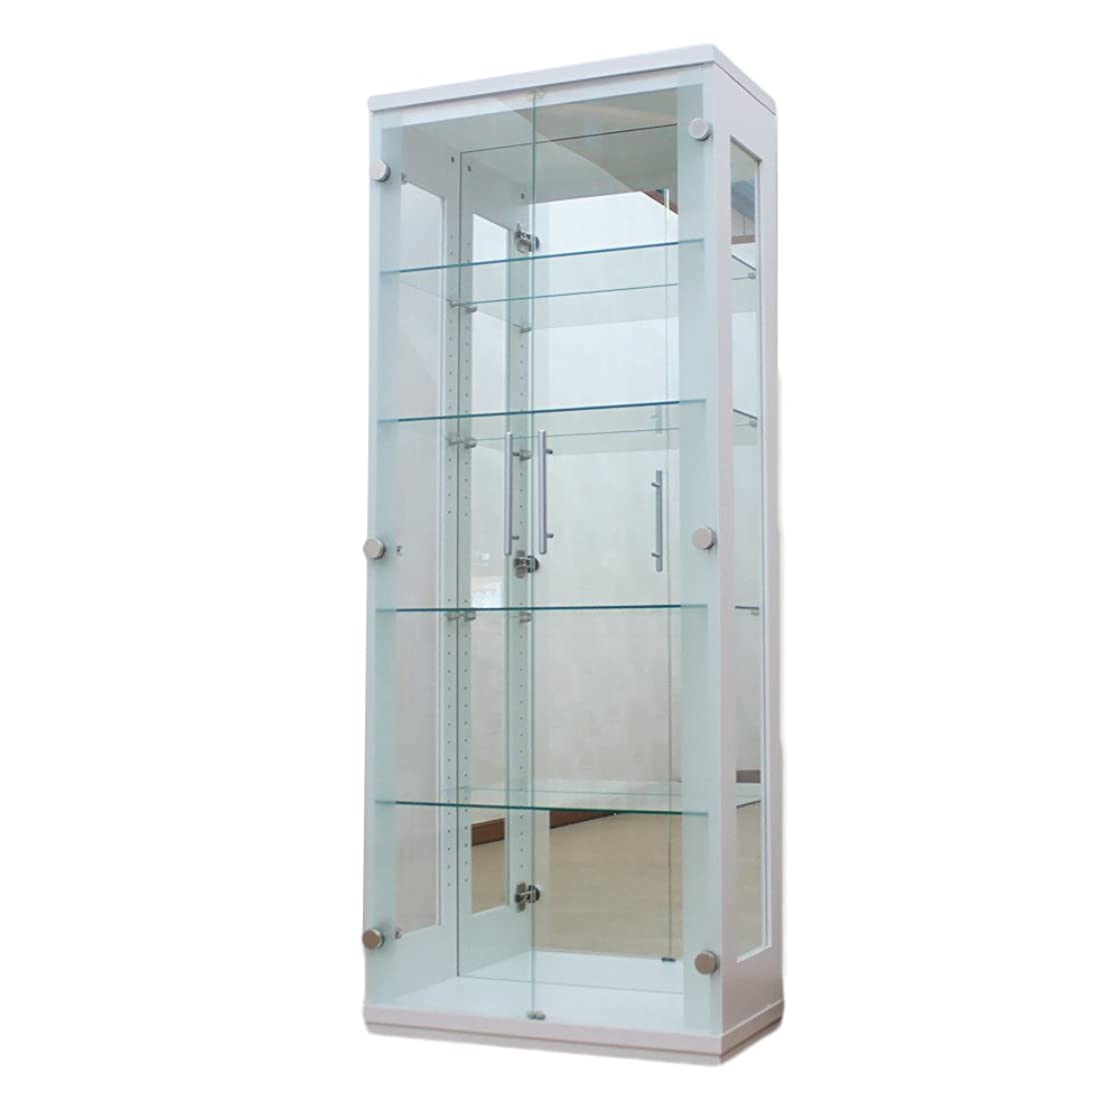 ビル羊窓を洗うミラー付大型ガラスコレクションキャビネット ホワイト